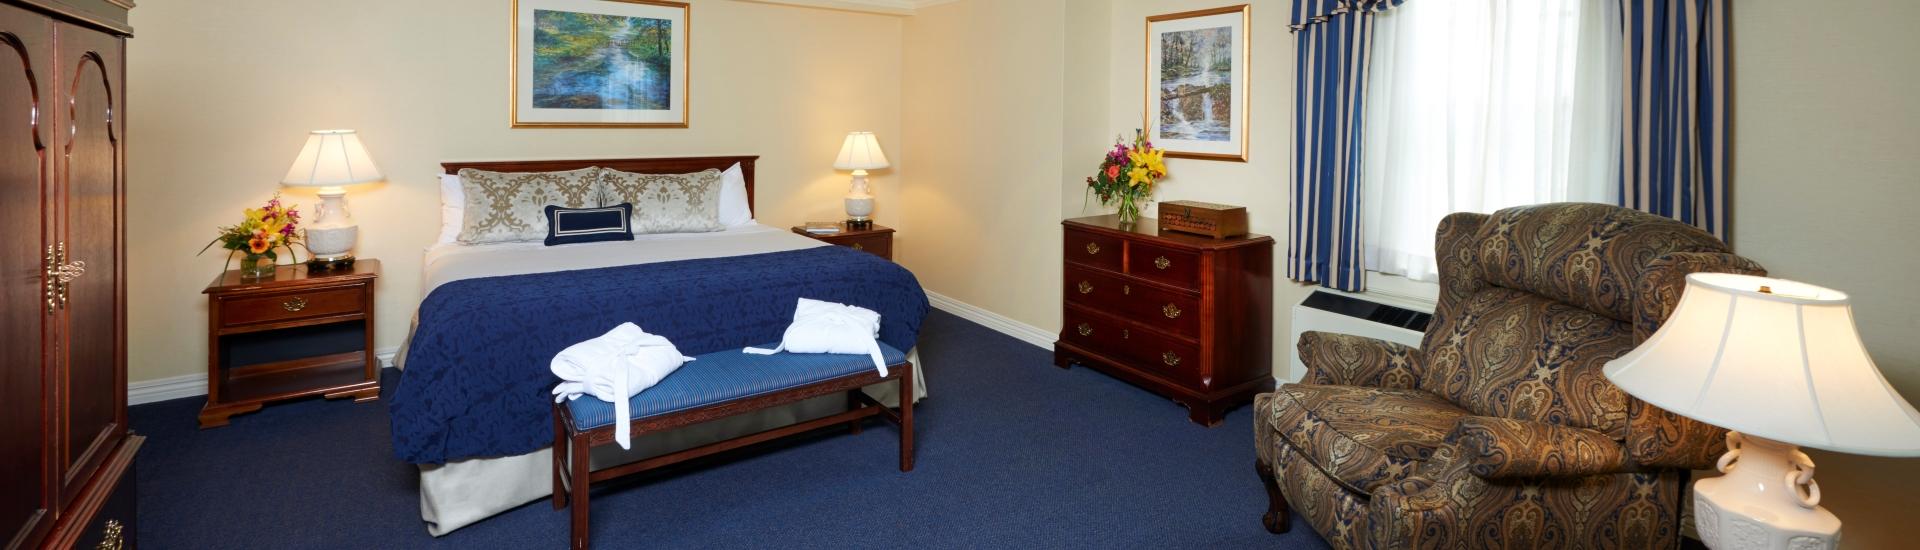 King Suite inn